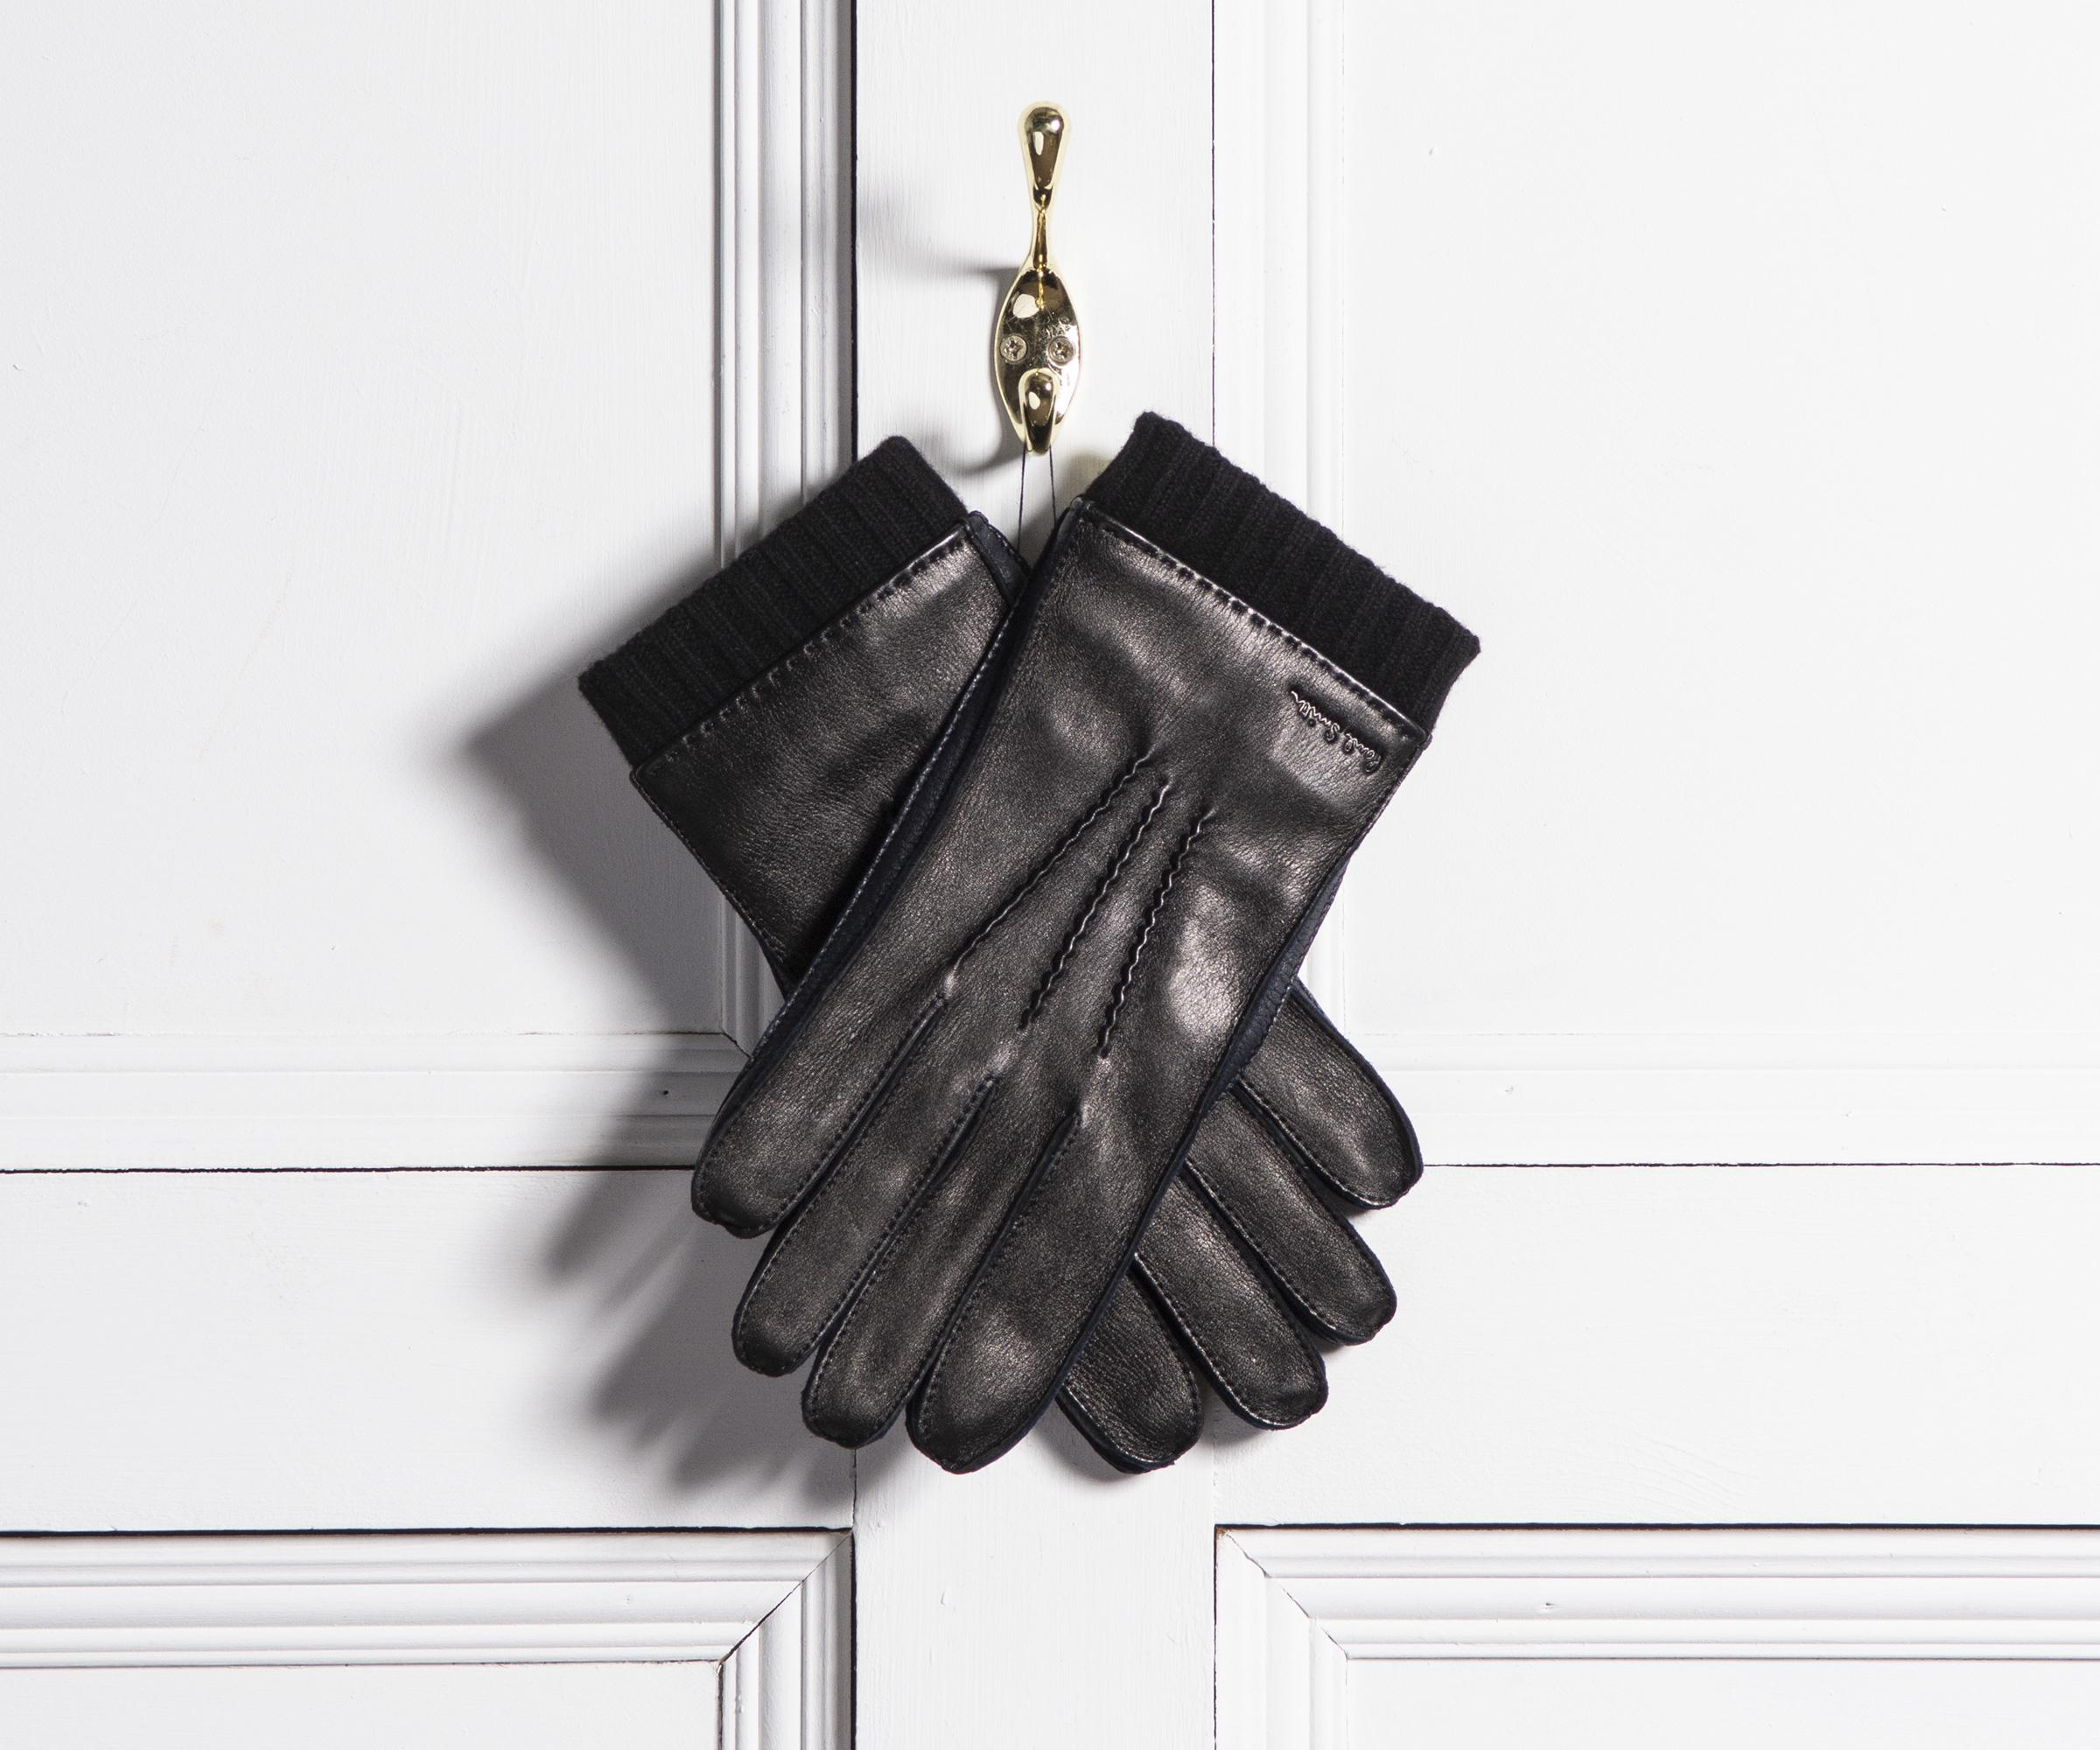 d1fb6e63af478 Paul Smith Deerskin Silk-cashmere Lined Gloves Black in Black for ...